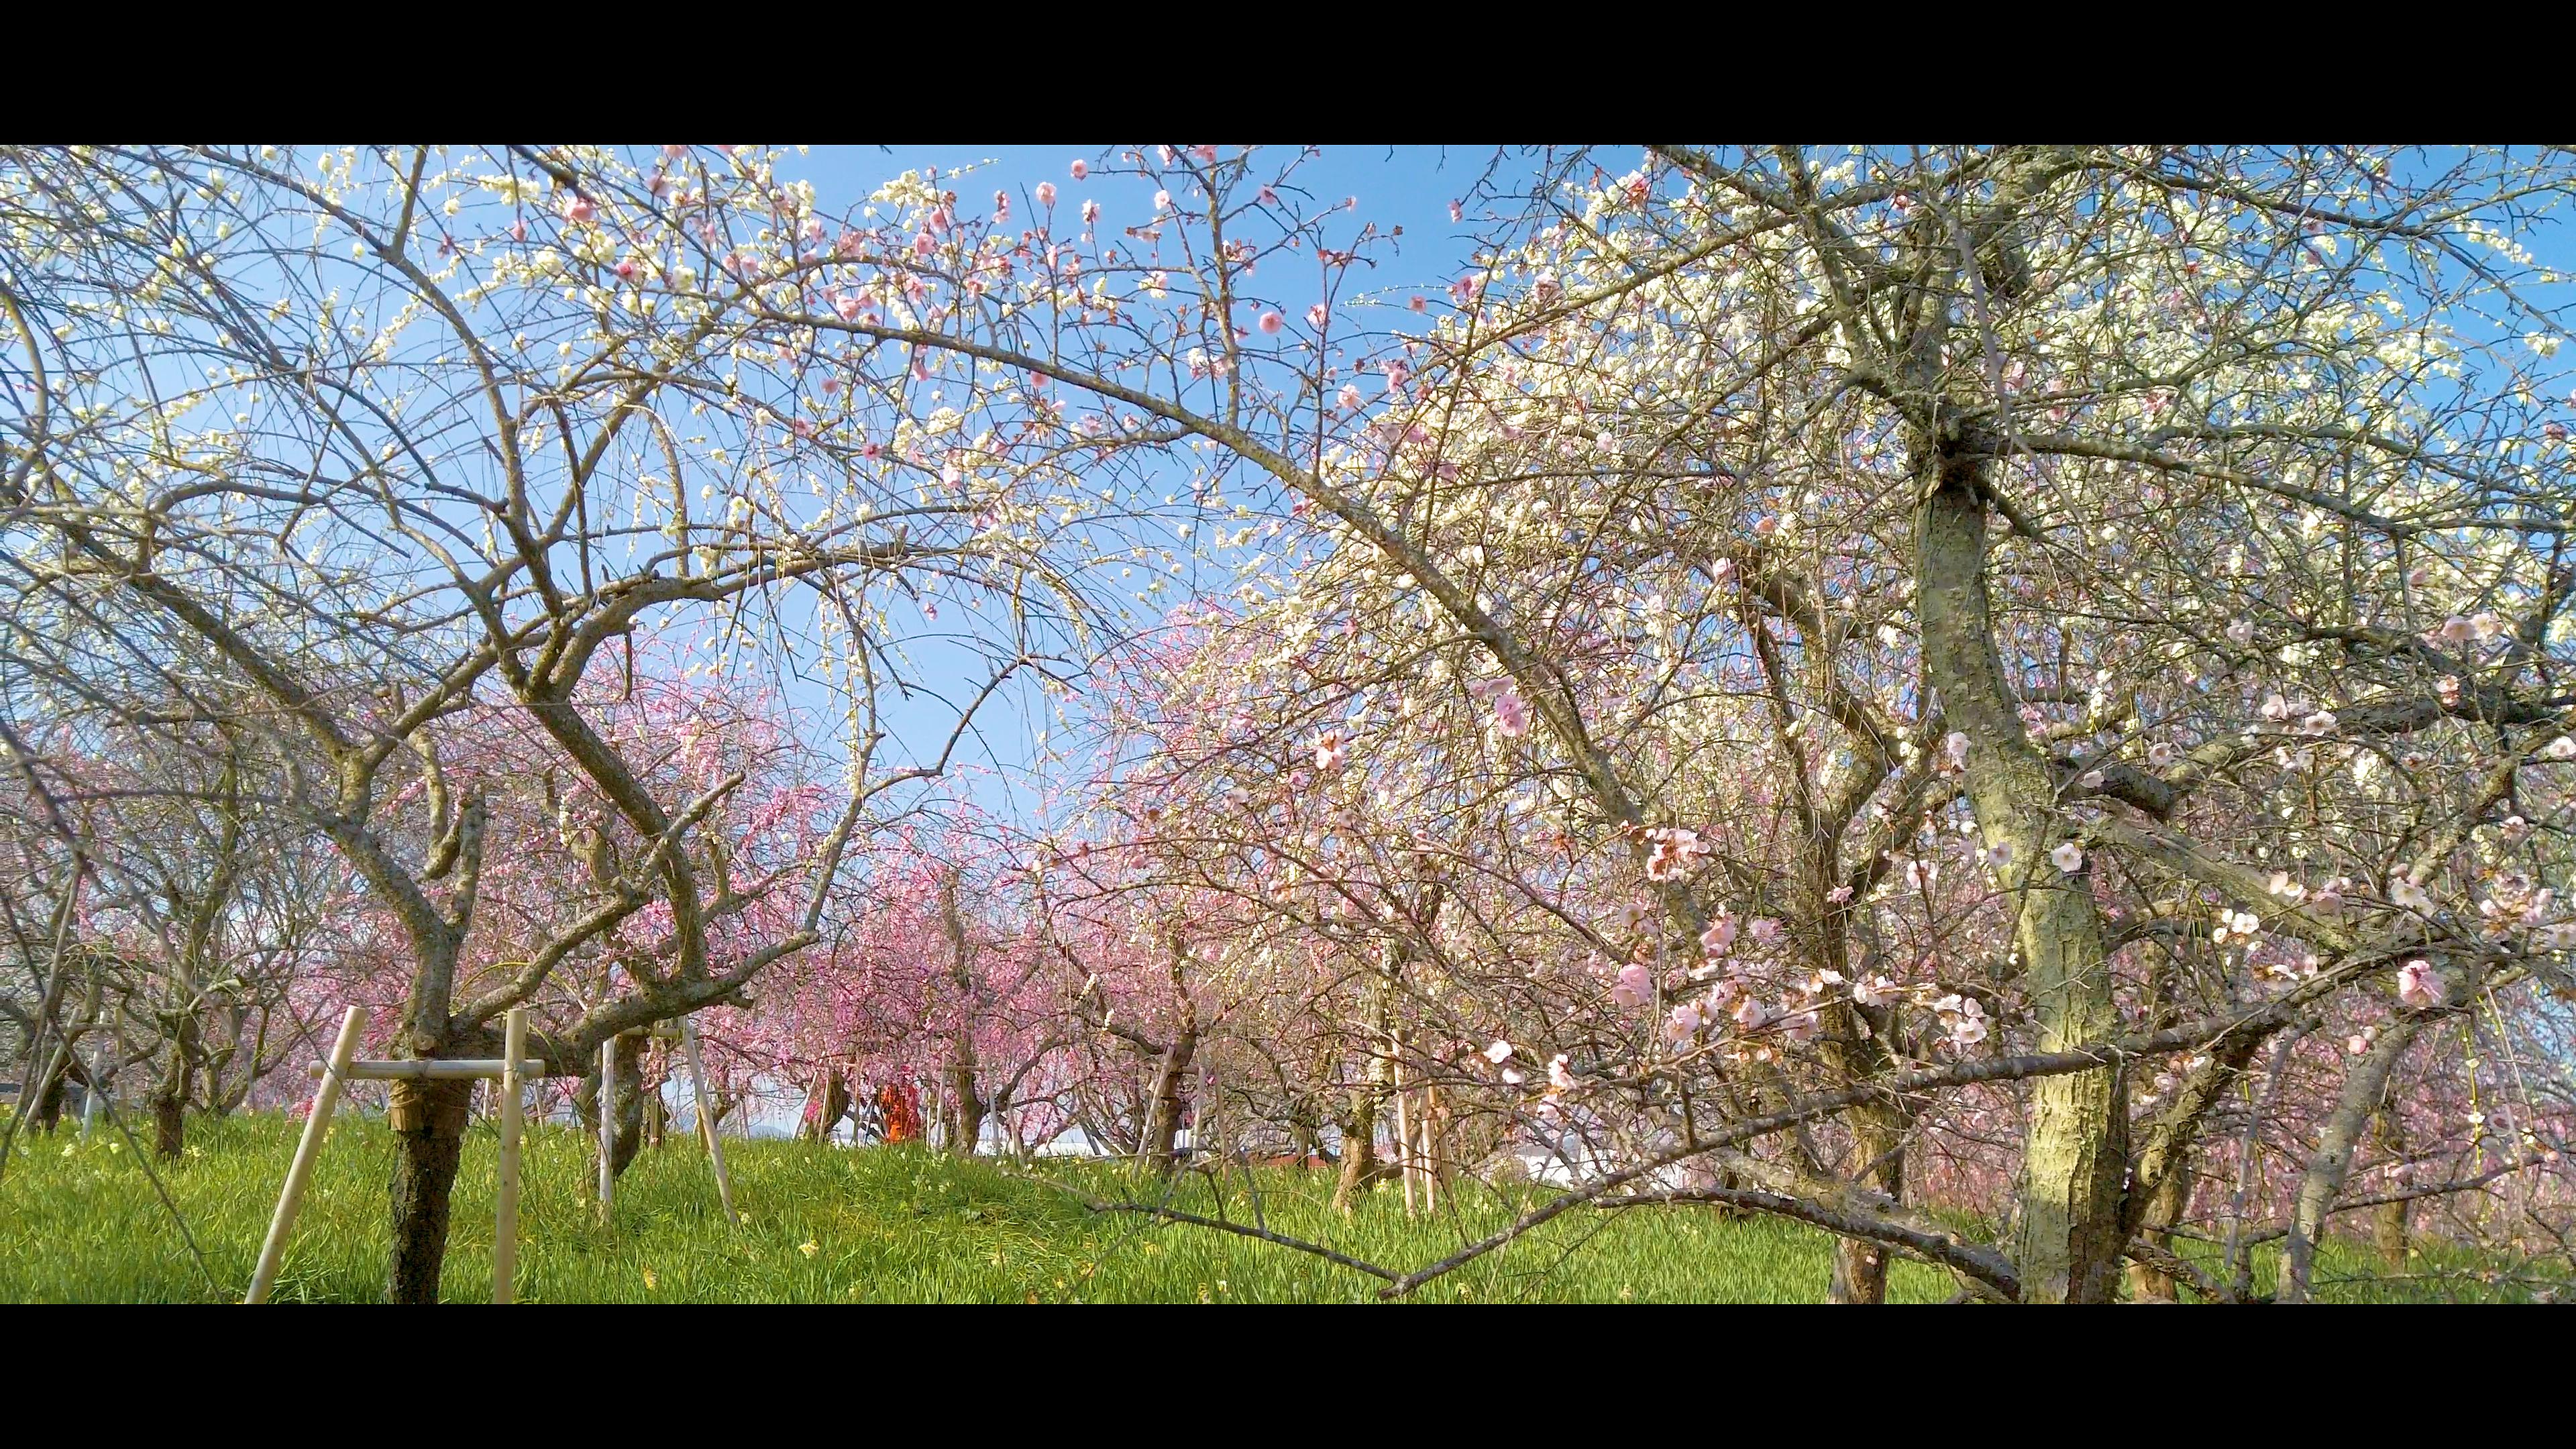 6681f3c960ec95fb9748dcfde46fe649 大阪府 和泉リサイクル環境公園(梅と水仙、菜の花が撮影できる春におすすめの写真スポット。 撮影した写真の紹介、アクセス情報や交通手段・駐車場情報などまとめ)